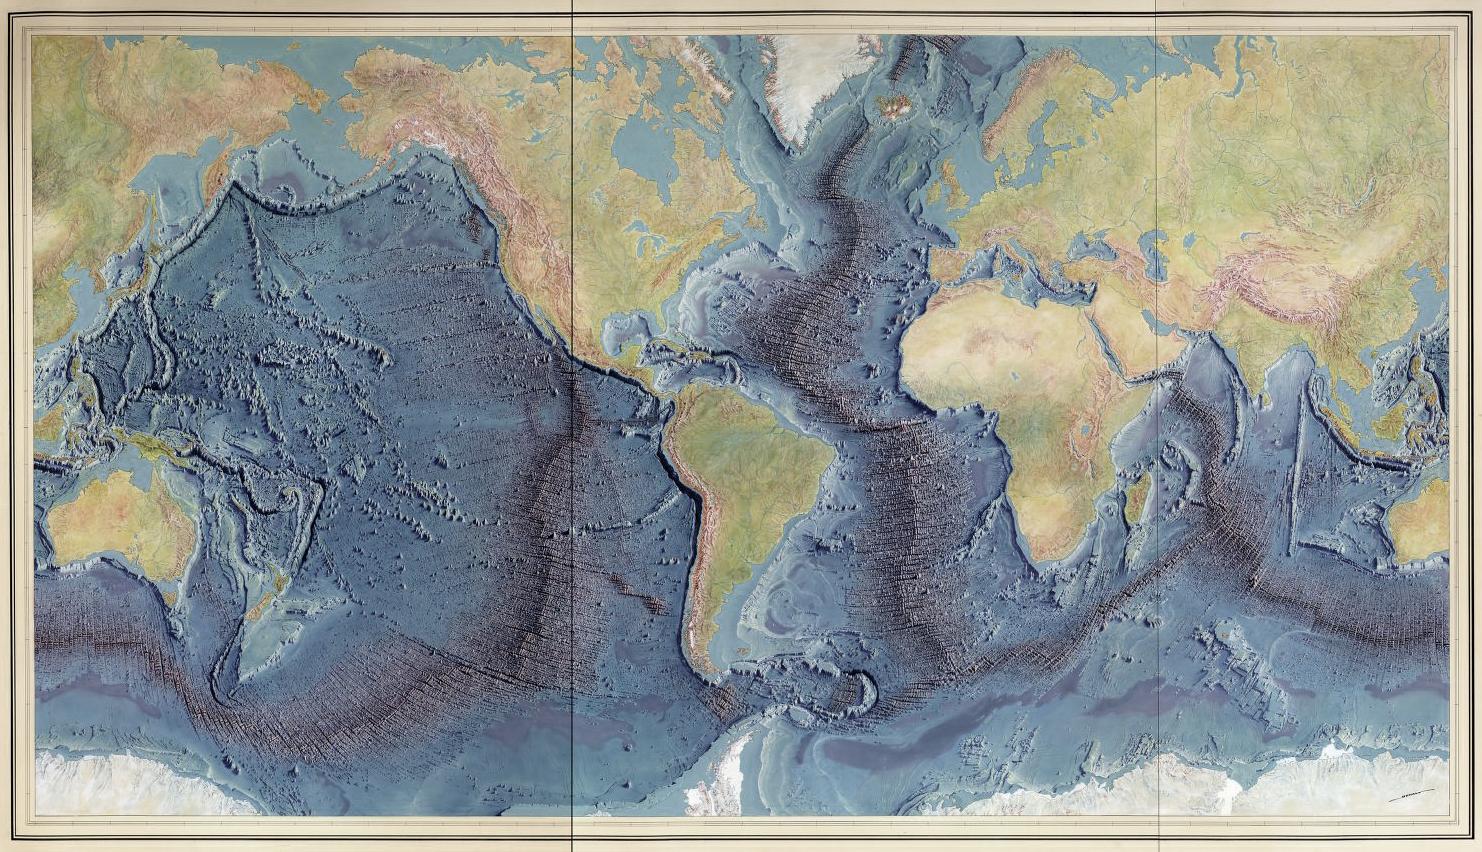 Marie-Tharp-Ocean-Floor-Map-casey-cripe.jpg